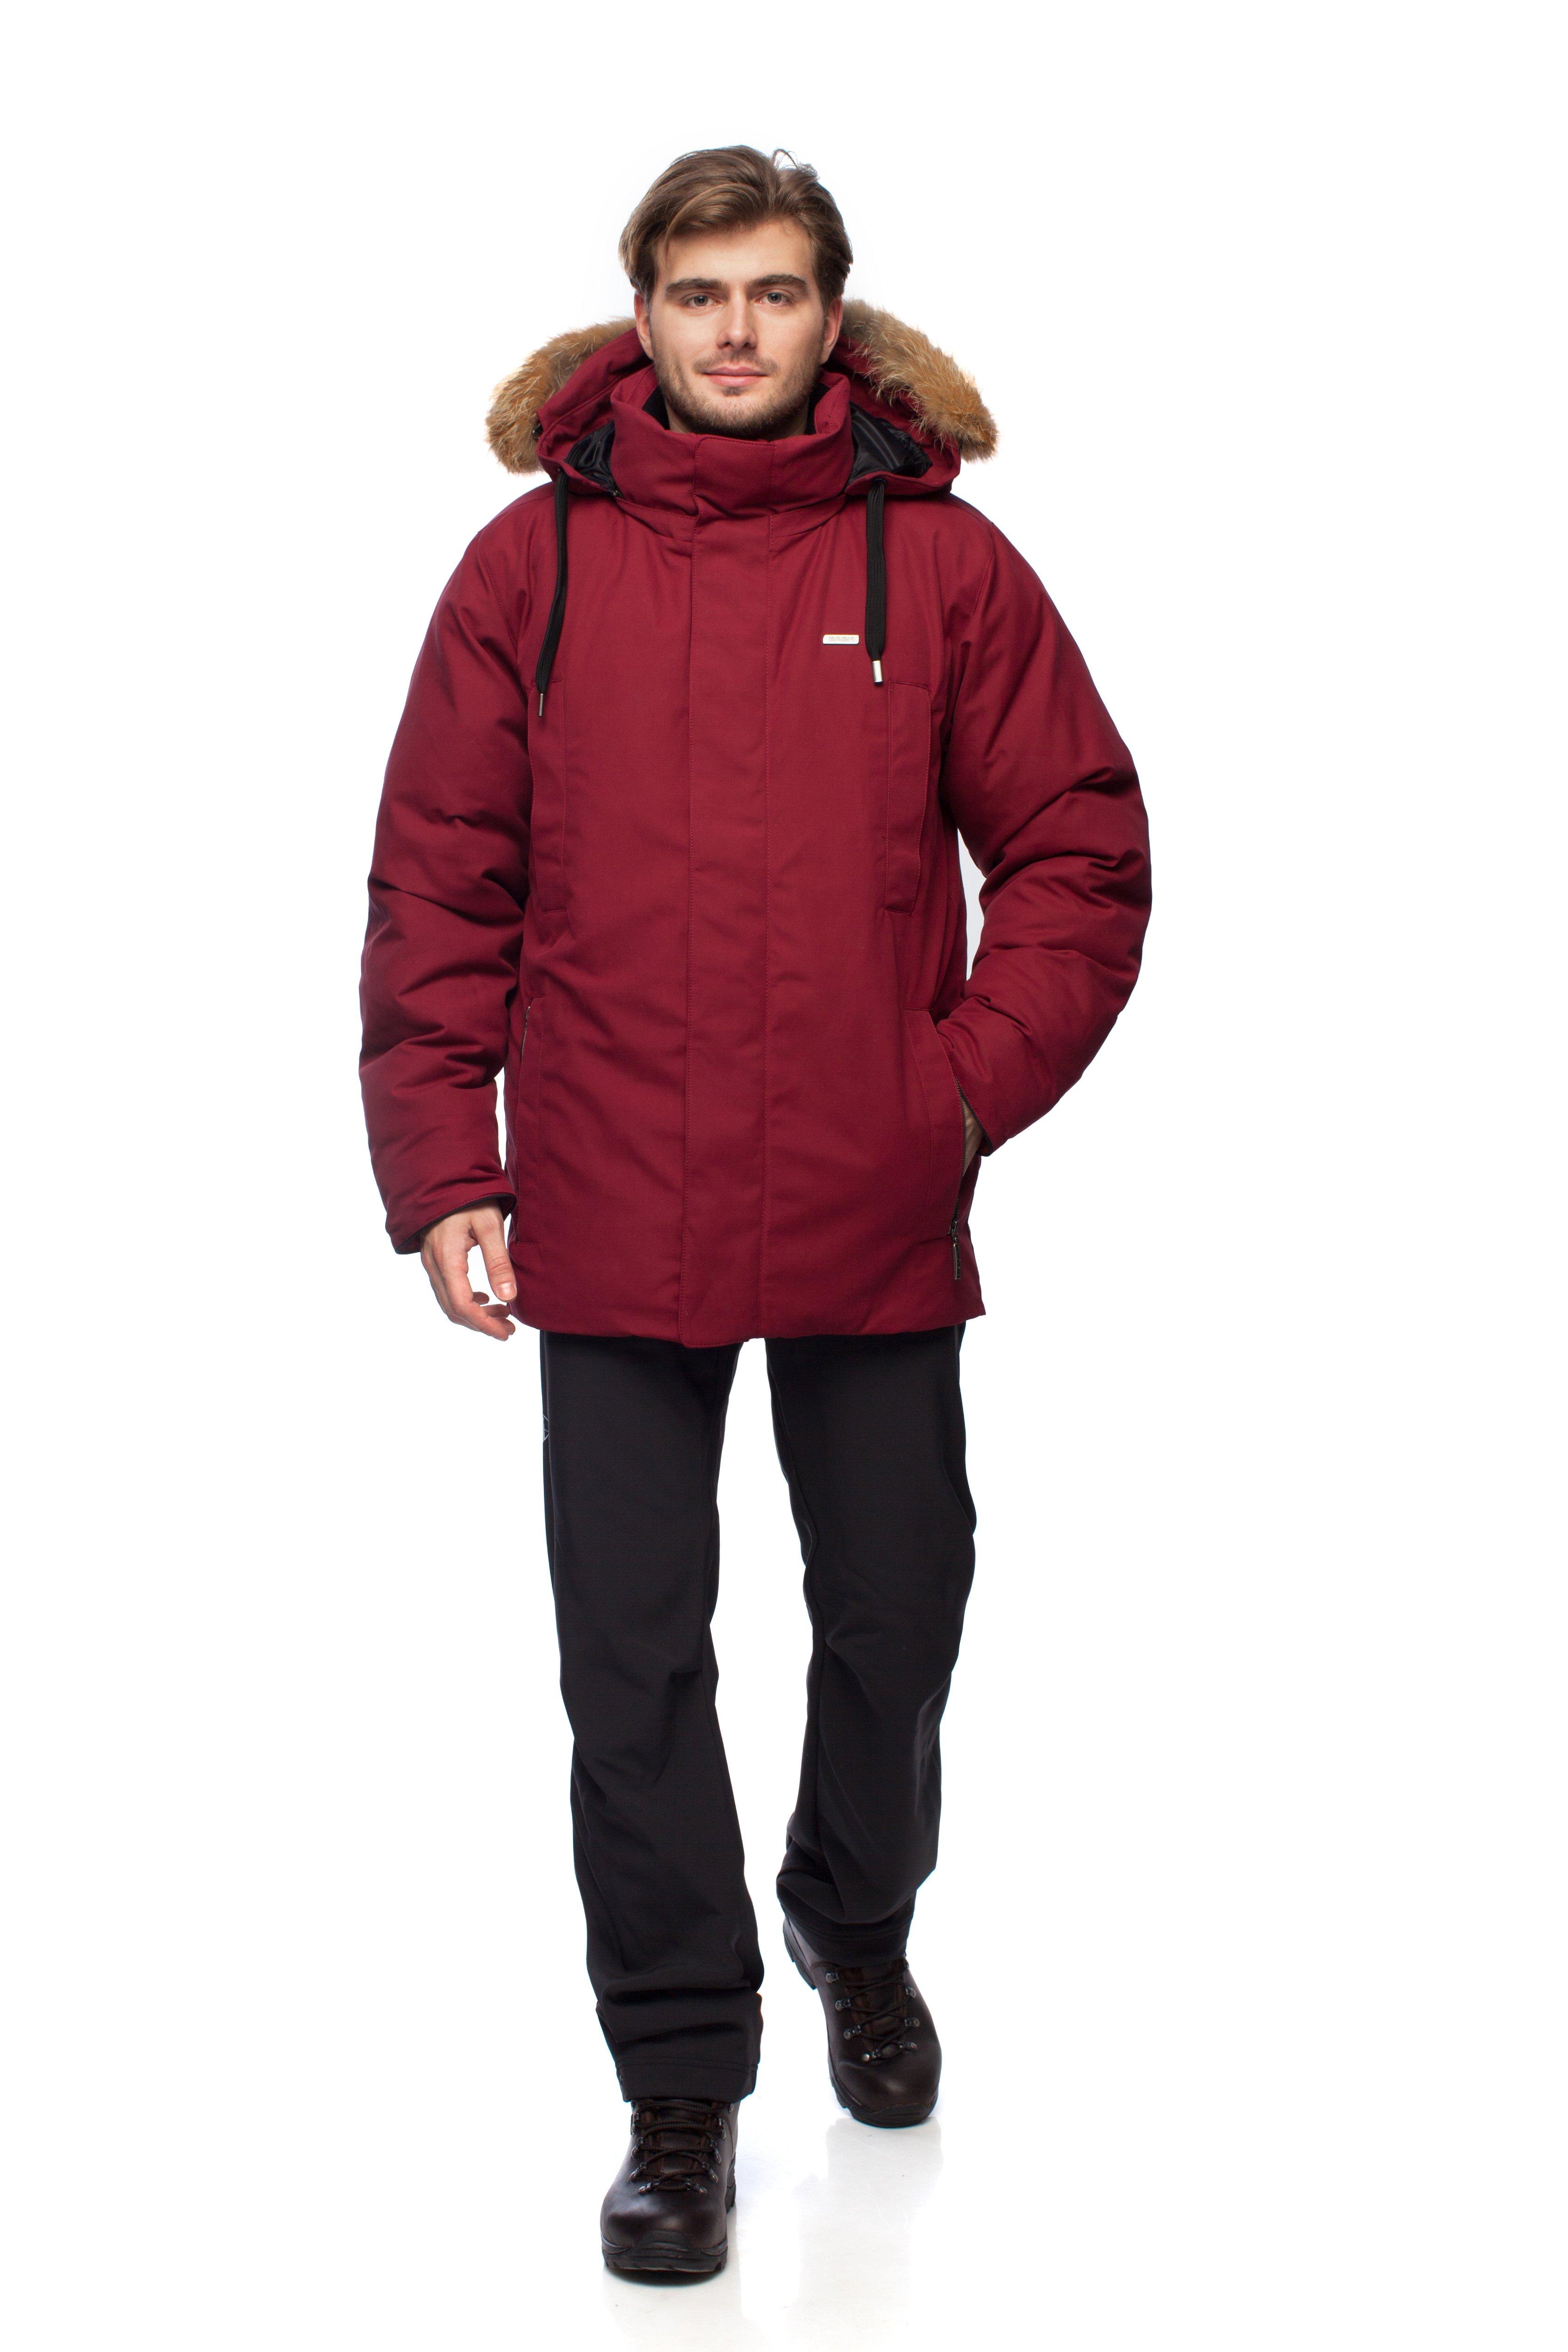 Пуховая куртка BASK ARGUT 1462Куртки<br><br><br>&quot;Дышащие&quot; свойства: Да<br>Верхняя ткань: Nylon 50%, Cotton 50%, Teflon WR<br>Вес граммы: 1940<br>Вес утеплителя: 320<br>Ветро-влагозащитные свойства верхней ткани: Да<br>Ветрозащитная планка: Да<br>Ветрозащитная юбка: Да<br>Влагозащитные молнии: Нет<br>Внутренние манжеты: Да<br>Внутренняя ткань: Advance® Classic<br>Дублирующий центральную молнию клапан: Да<br>Защитный козырёк капюшона: Нет<br>Капюшон: Съемный<br>Карман для средств связи: Нет<br>Количество внешних карманов: 4<br>Количество внутренних карманов: 2<br>Коллекция: OutDoor Spirit<br>Мембрана: Нет<br>Объемный крой локтевой зоны: Нет<br>Отстёгивающиеся рукава: Нет<br>Показатель Fill Power (для пуховых изделий): 650<br>Пол: Мужской<br>Проклейка швов: Нет<br>Регулировка манжетов рукавов: Нет<br>Регулировка низа: Нет<br>Регулировка объёма капюшона: Да<br>Регулировка талии: Да<br>Регулируемые вентиляционные отверстия: Нет<br>Световозвращающая лента: Нет<br>Температурный режим: -25<br>Технология Thermal Welding: Нет<br>Технология швов: Простые<br>Тип молнии: Двухзамковая<br>Тип утеплителя: Натуральный<br>Ткань усиления: Нет<br>Усиление контактных зон: Нет<br>Утеплитель: Гусиный пух<br>Размер RU: 50<br>Цвет: СИНИЙ